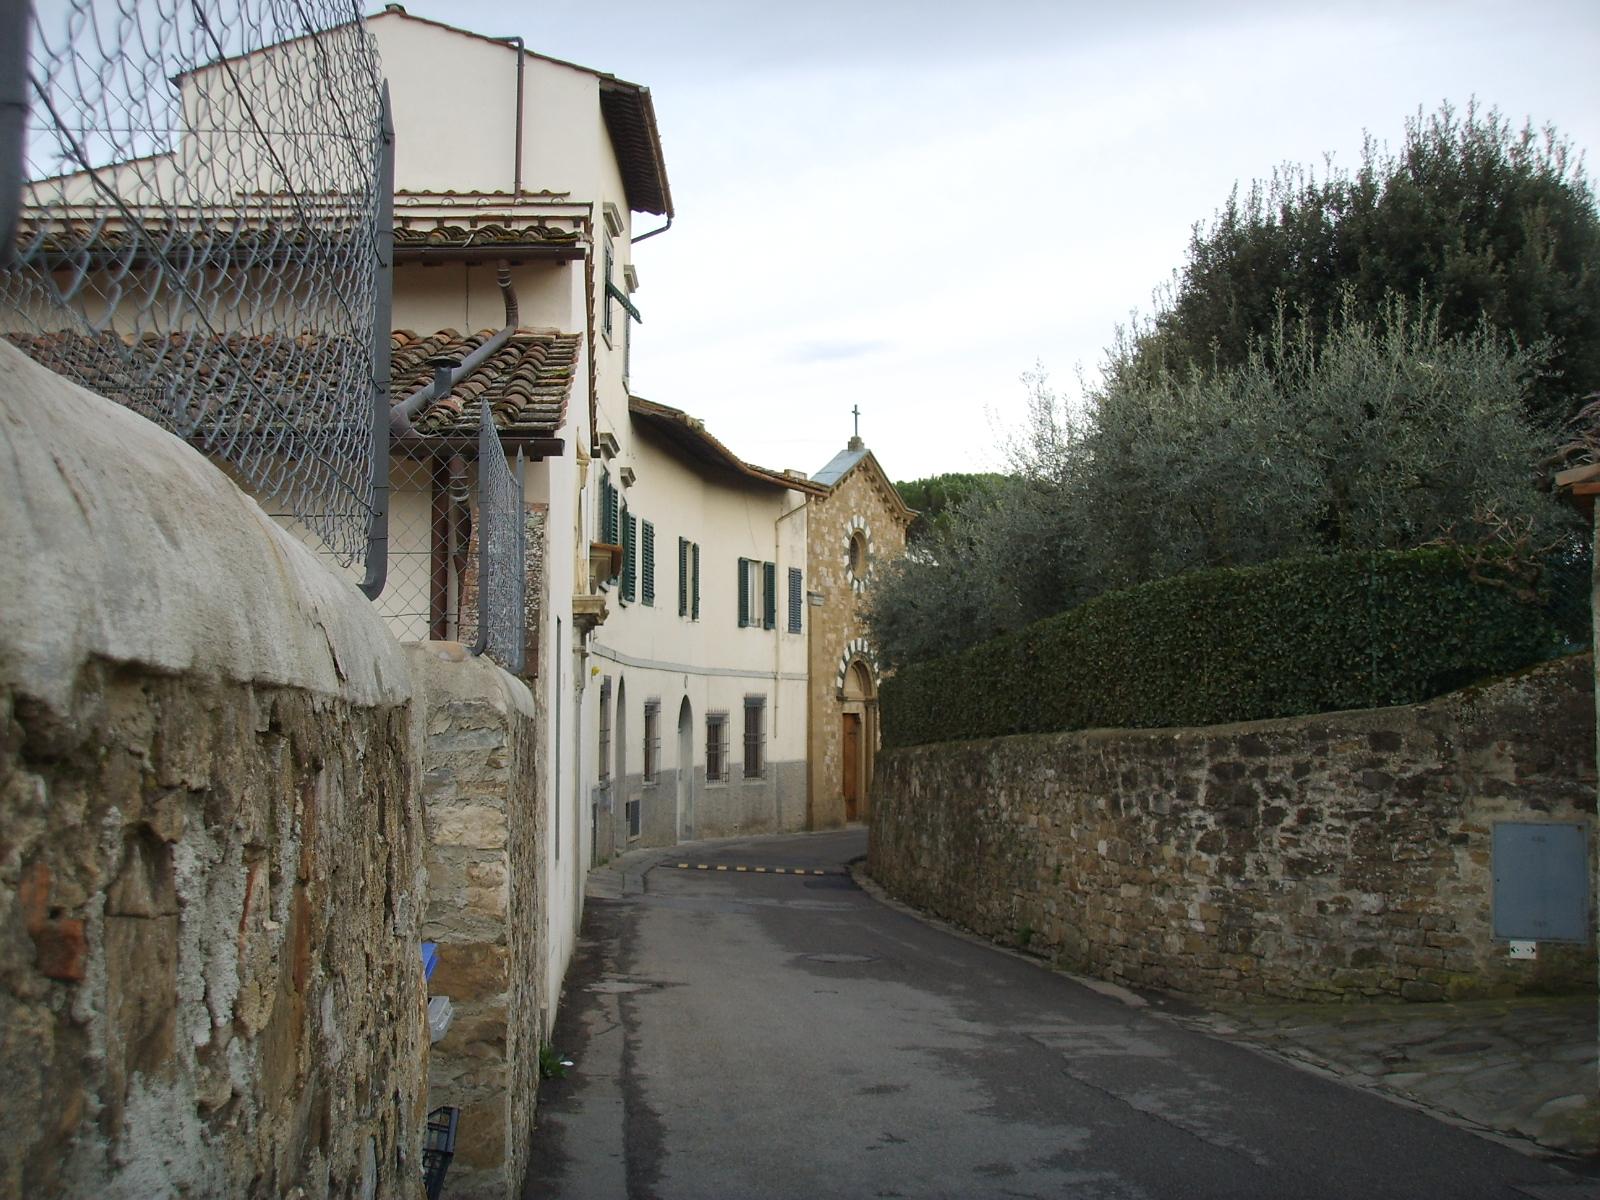 Monastero di Santa Verdiana